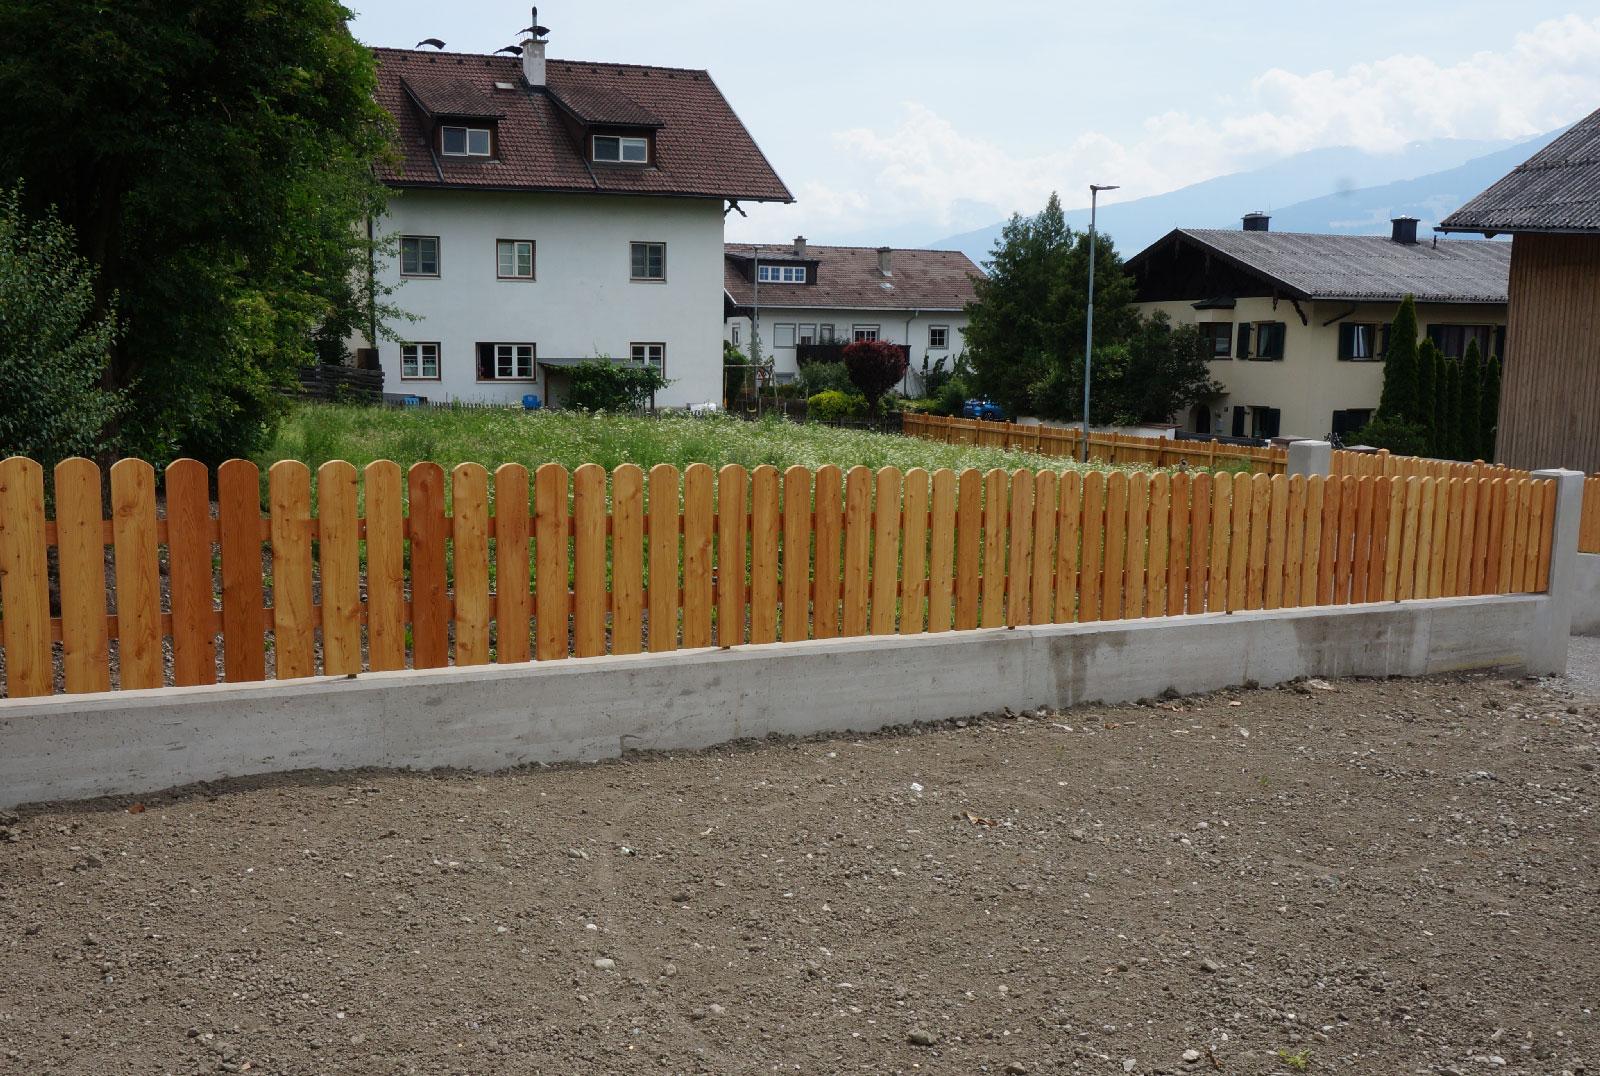 3-Holzzaun-Laerche-Holzbau-Zimmerei-Norz-Thaur-2019.jpg